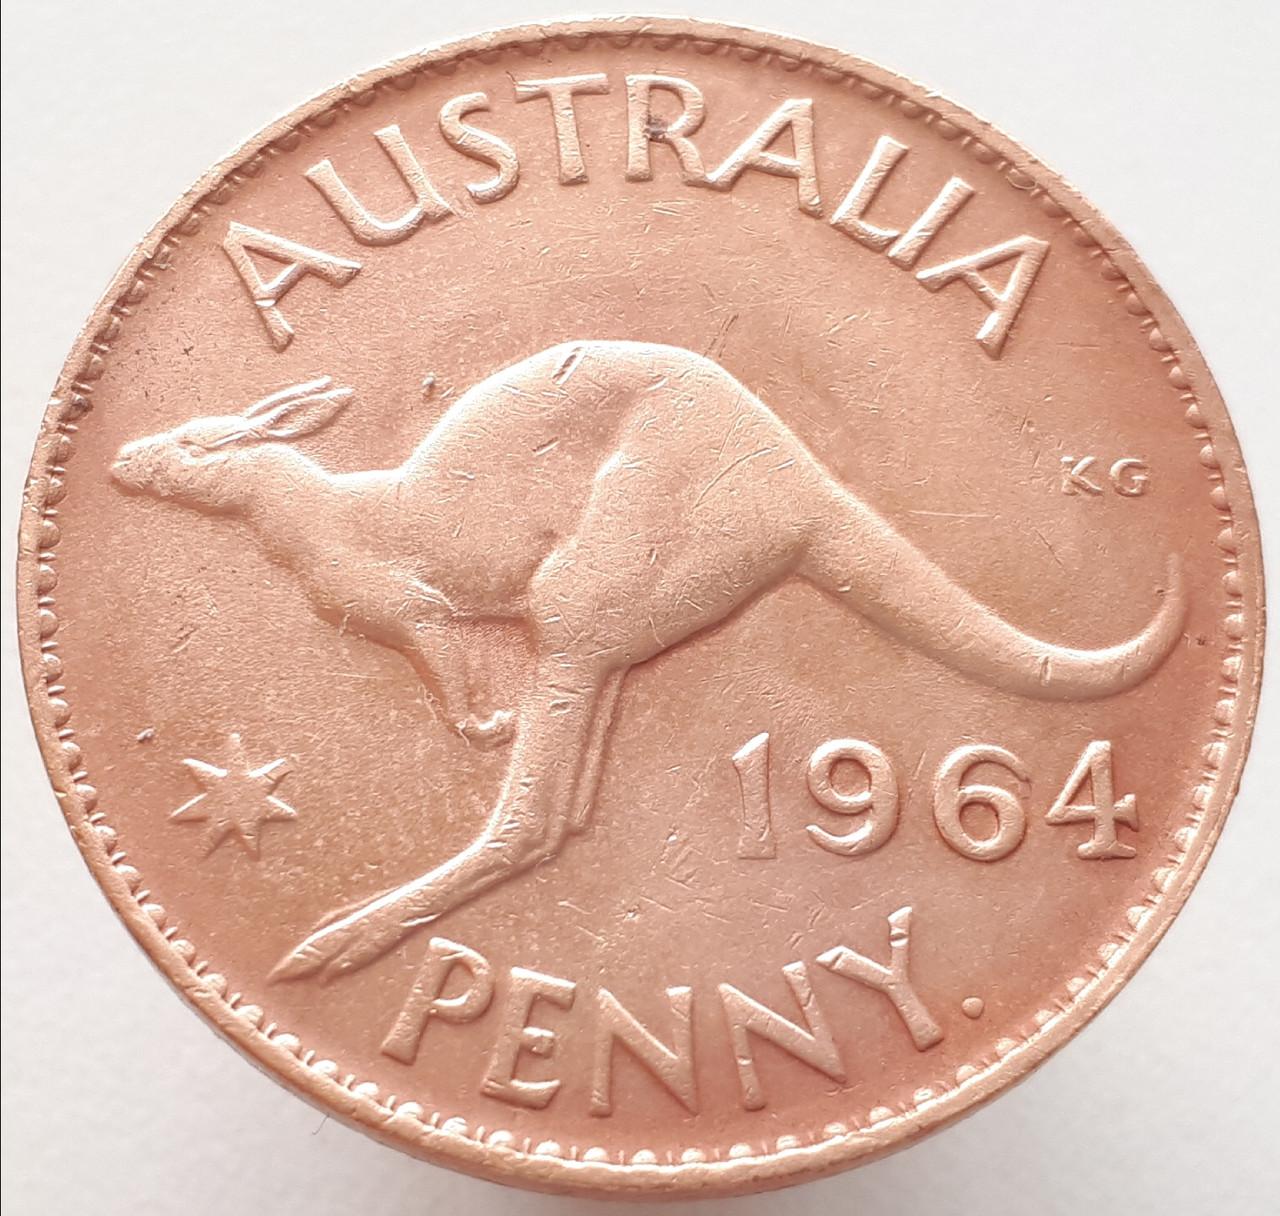 Австралия 1 пенни 1964